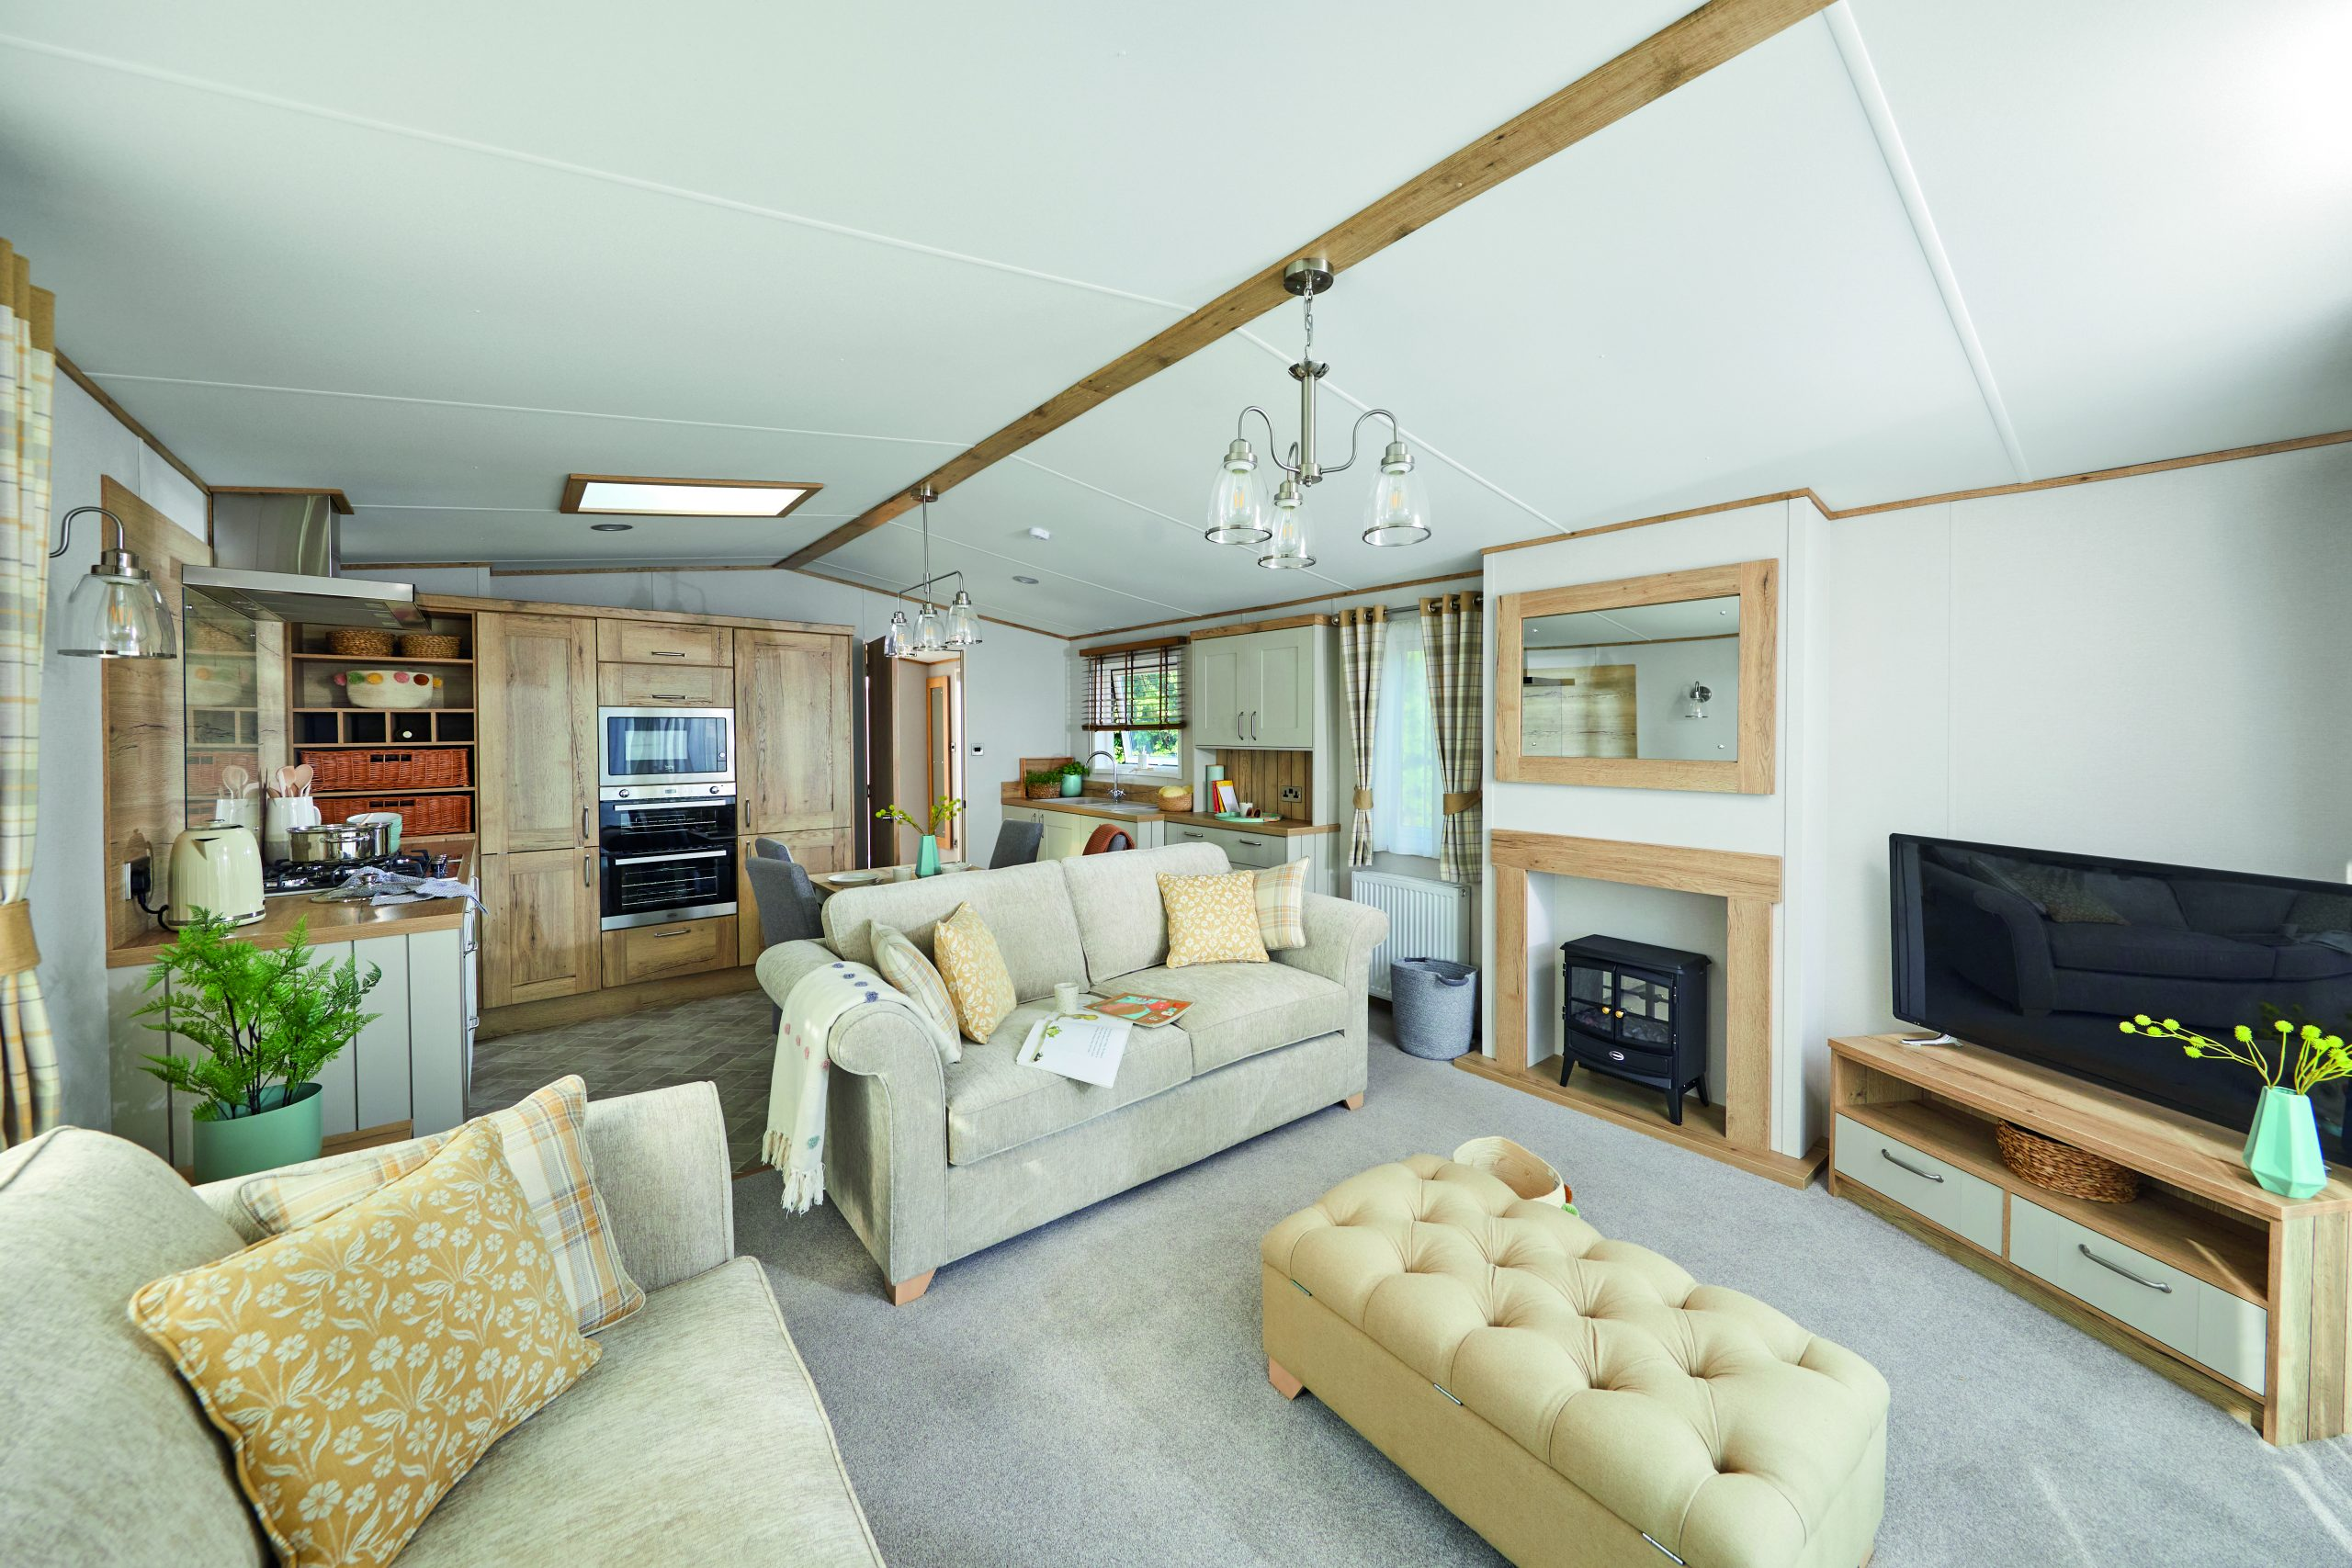 caravan park lincolnshire, caravan site lincolnshire, holiday cottages lincolnshire